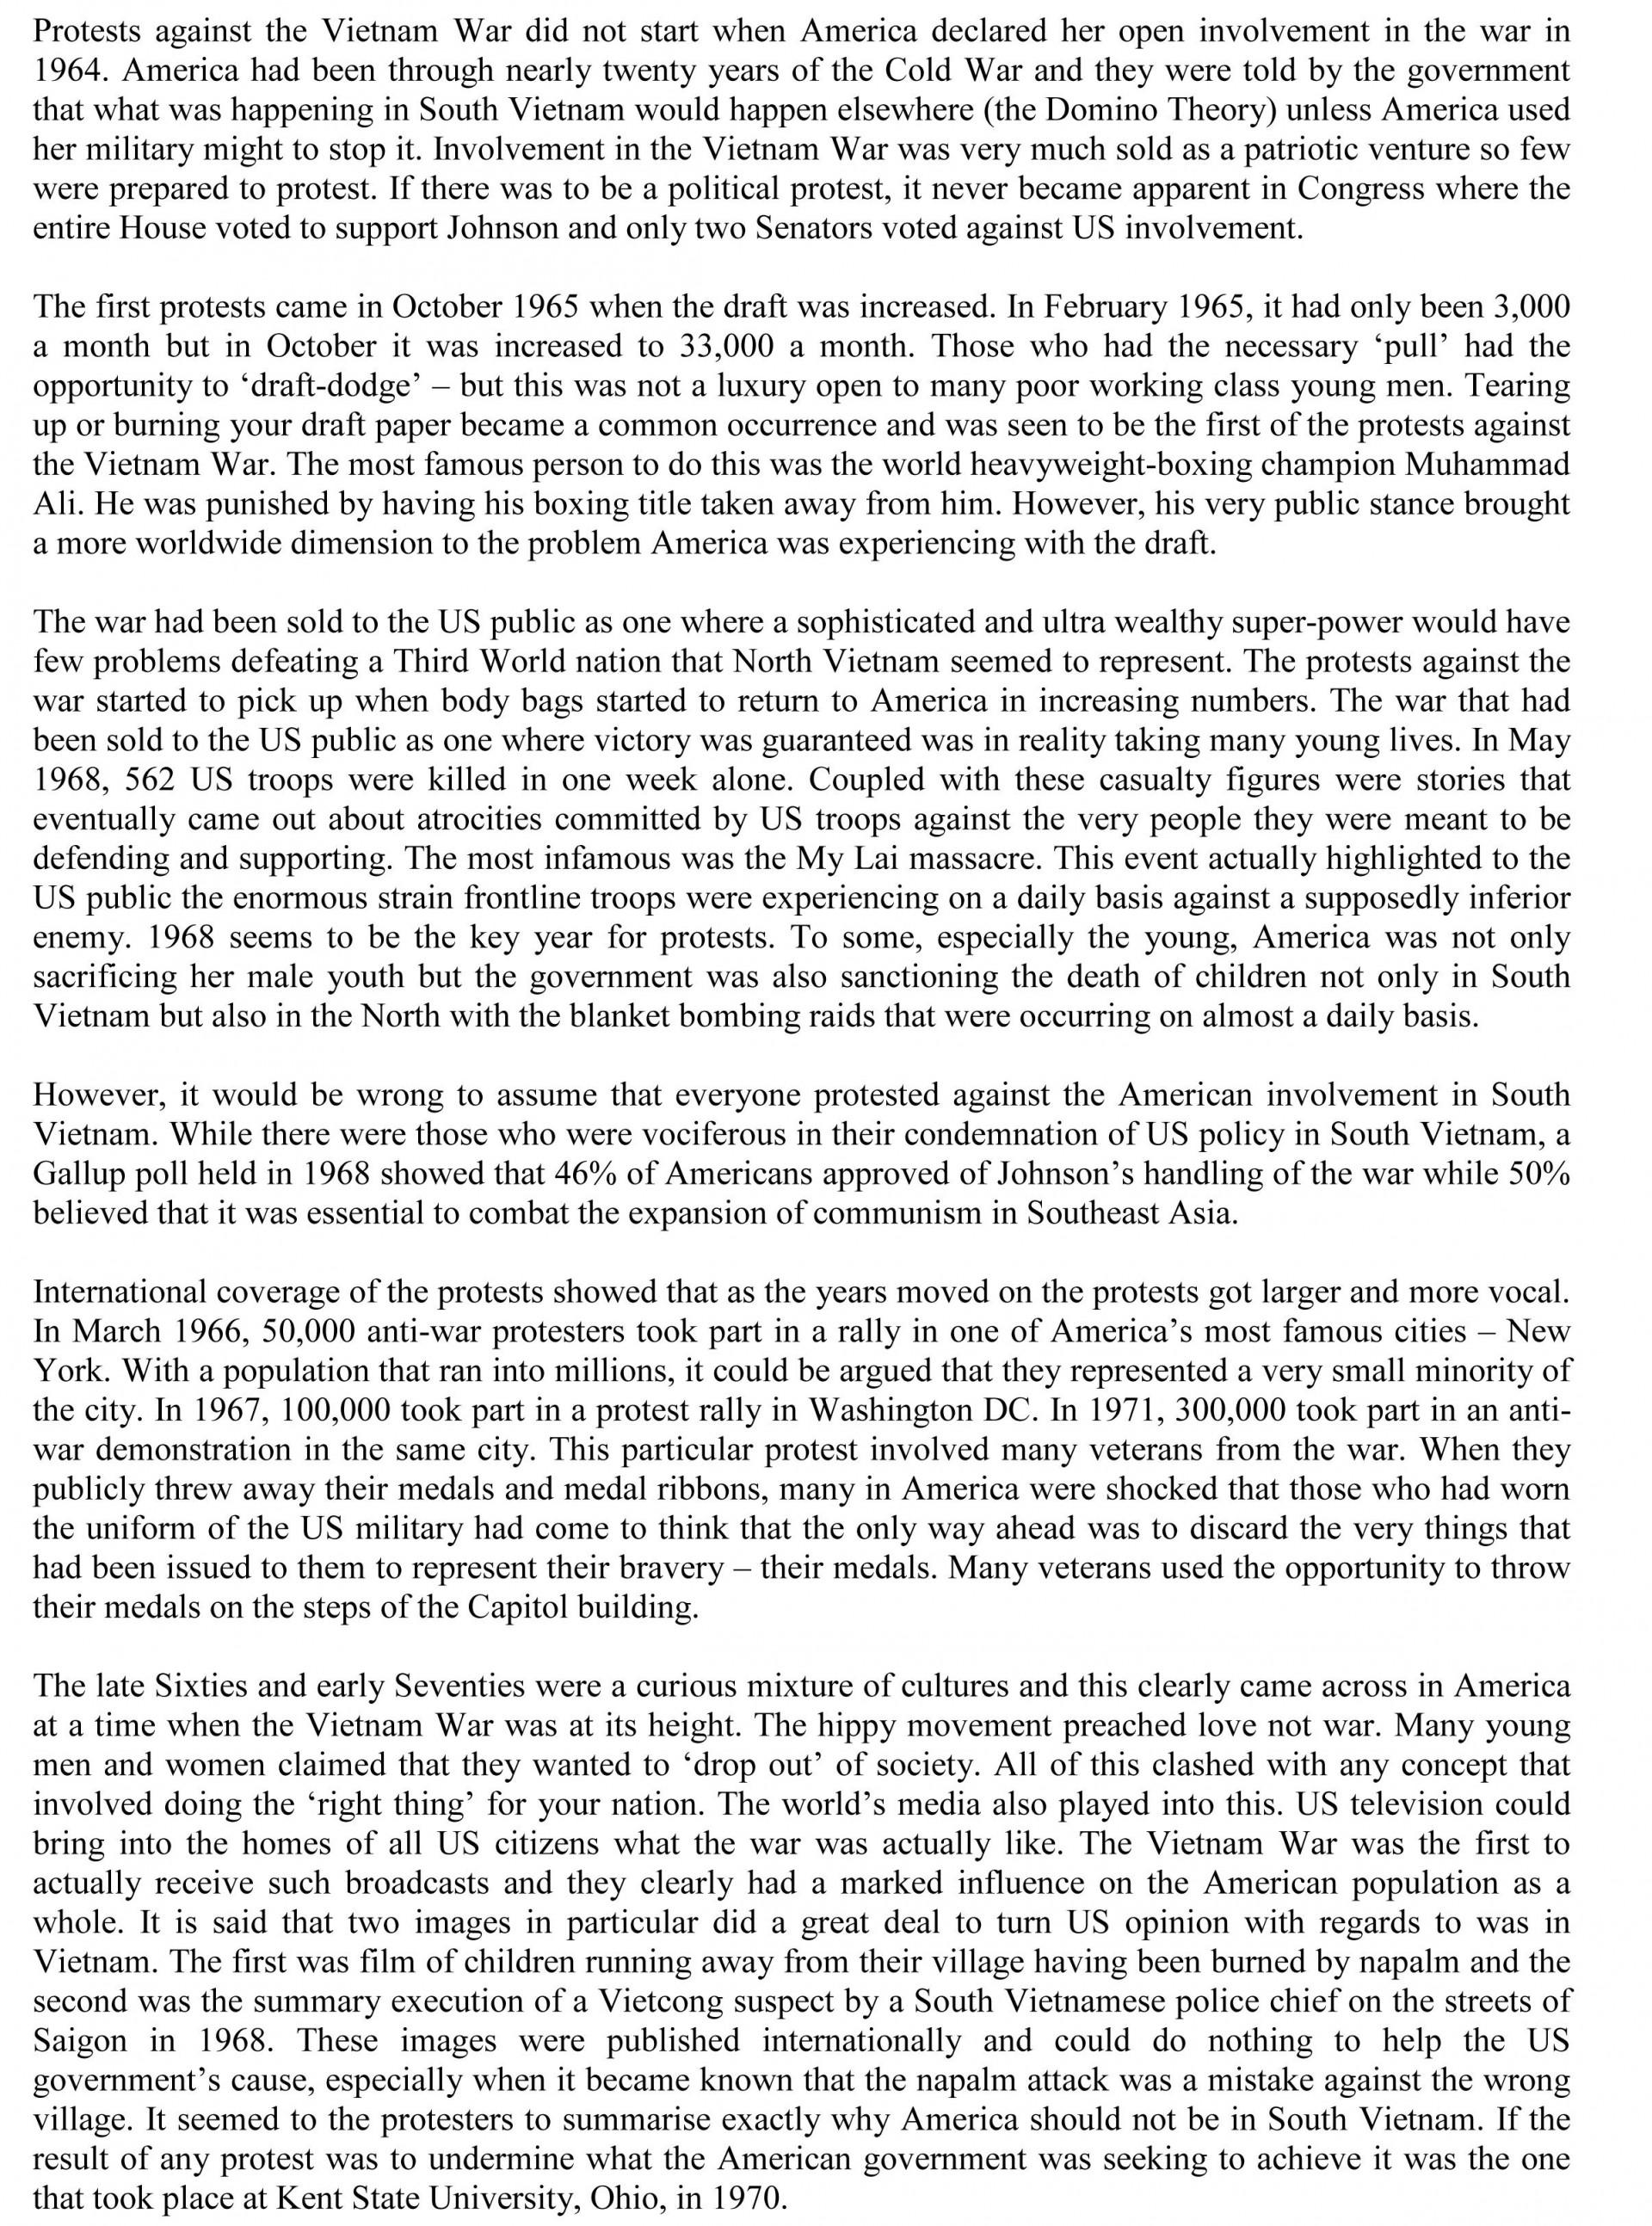 vietnam war essay example satire on school dress  thatsnotus   vietnam war essay example satire on school dress beautiful code